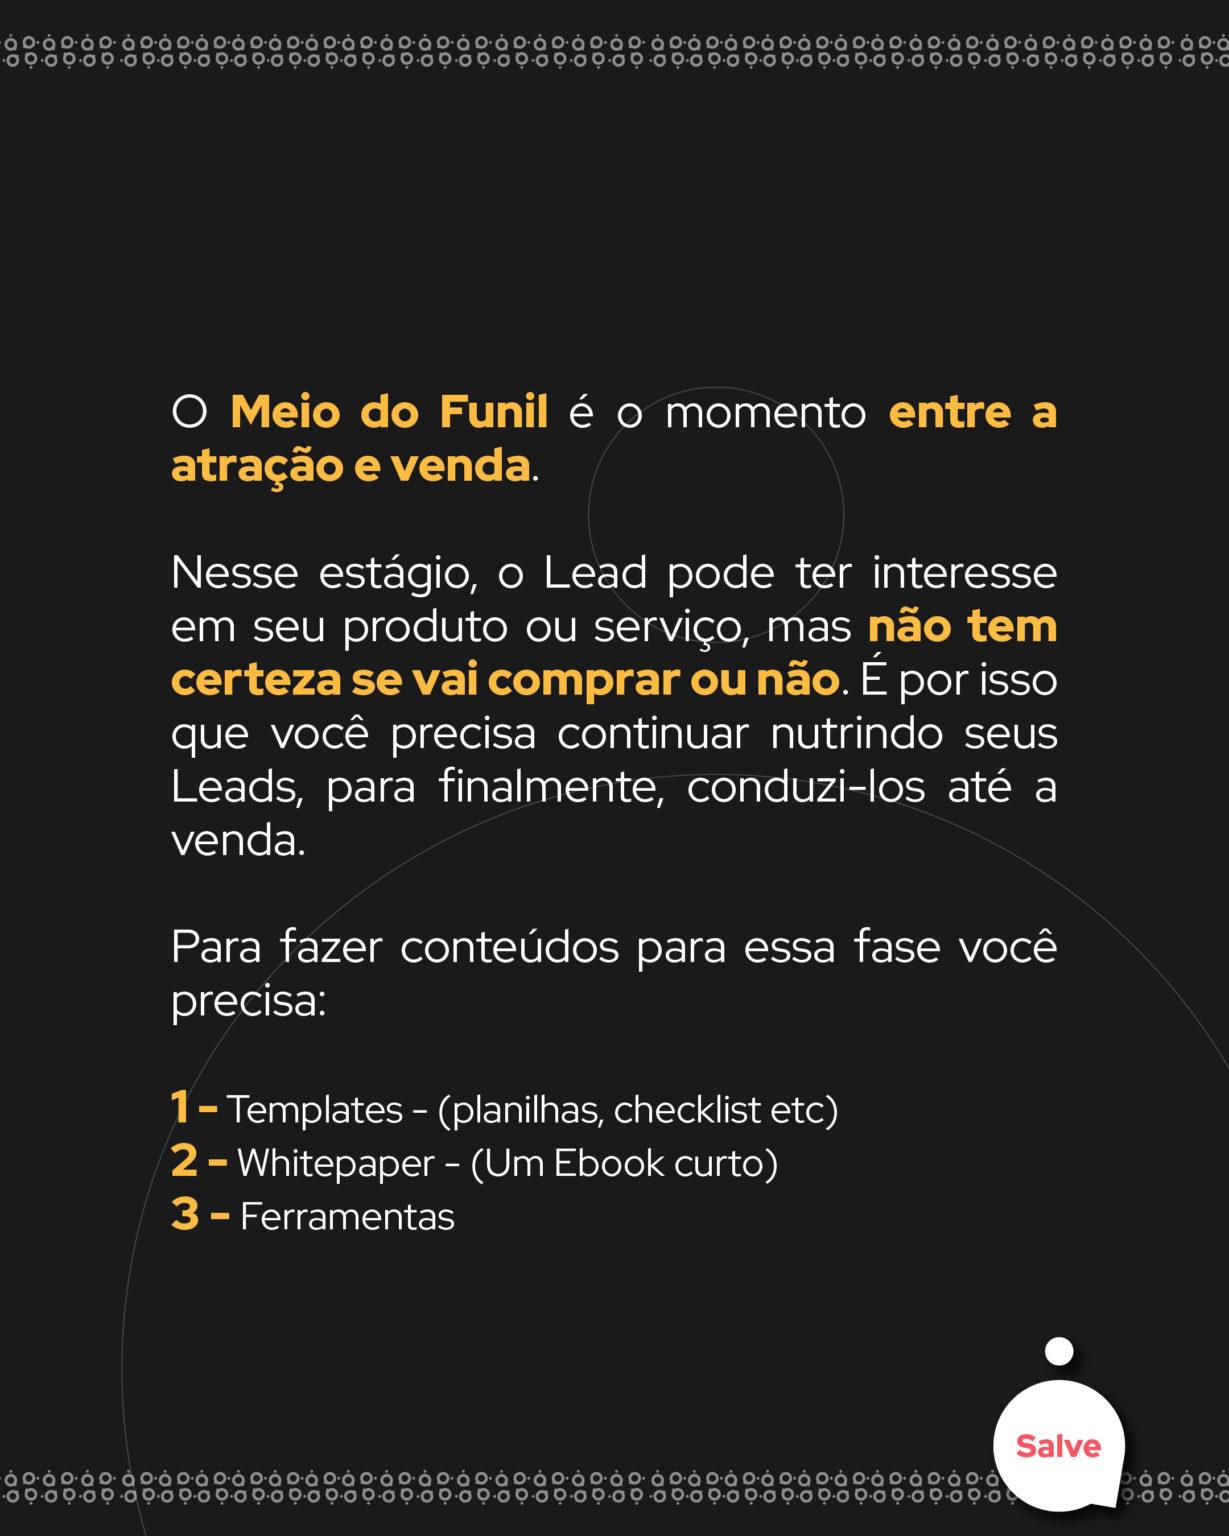 Funil de Marketing | CHA Social